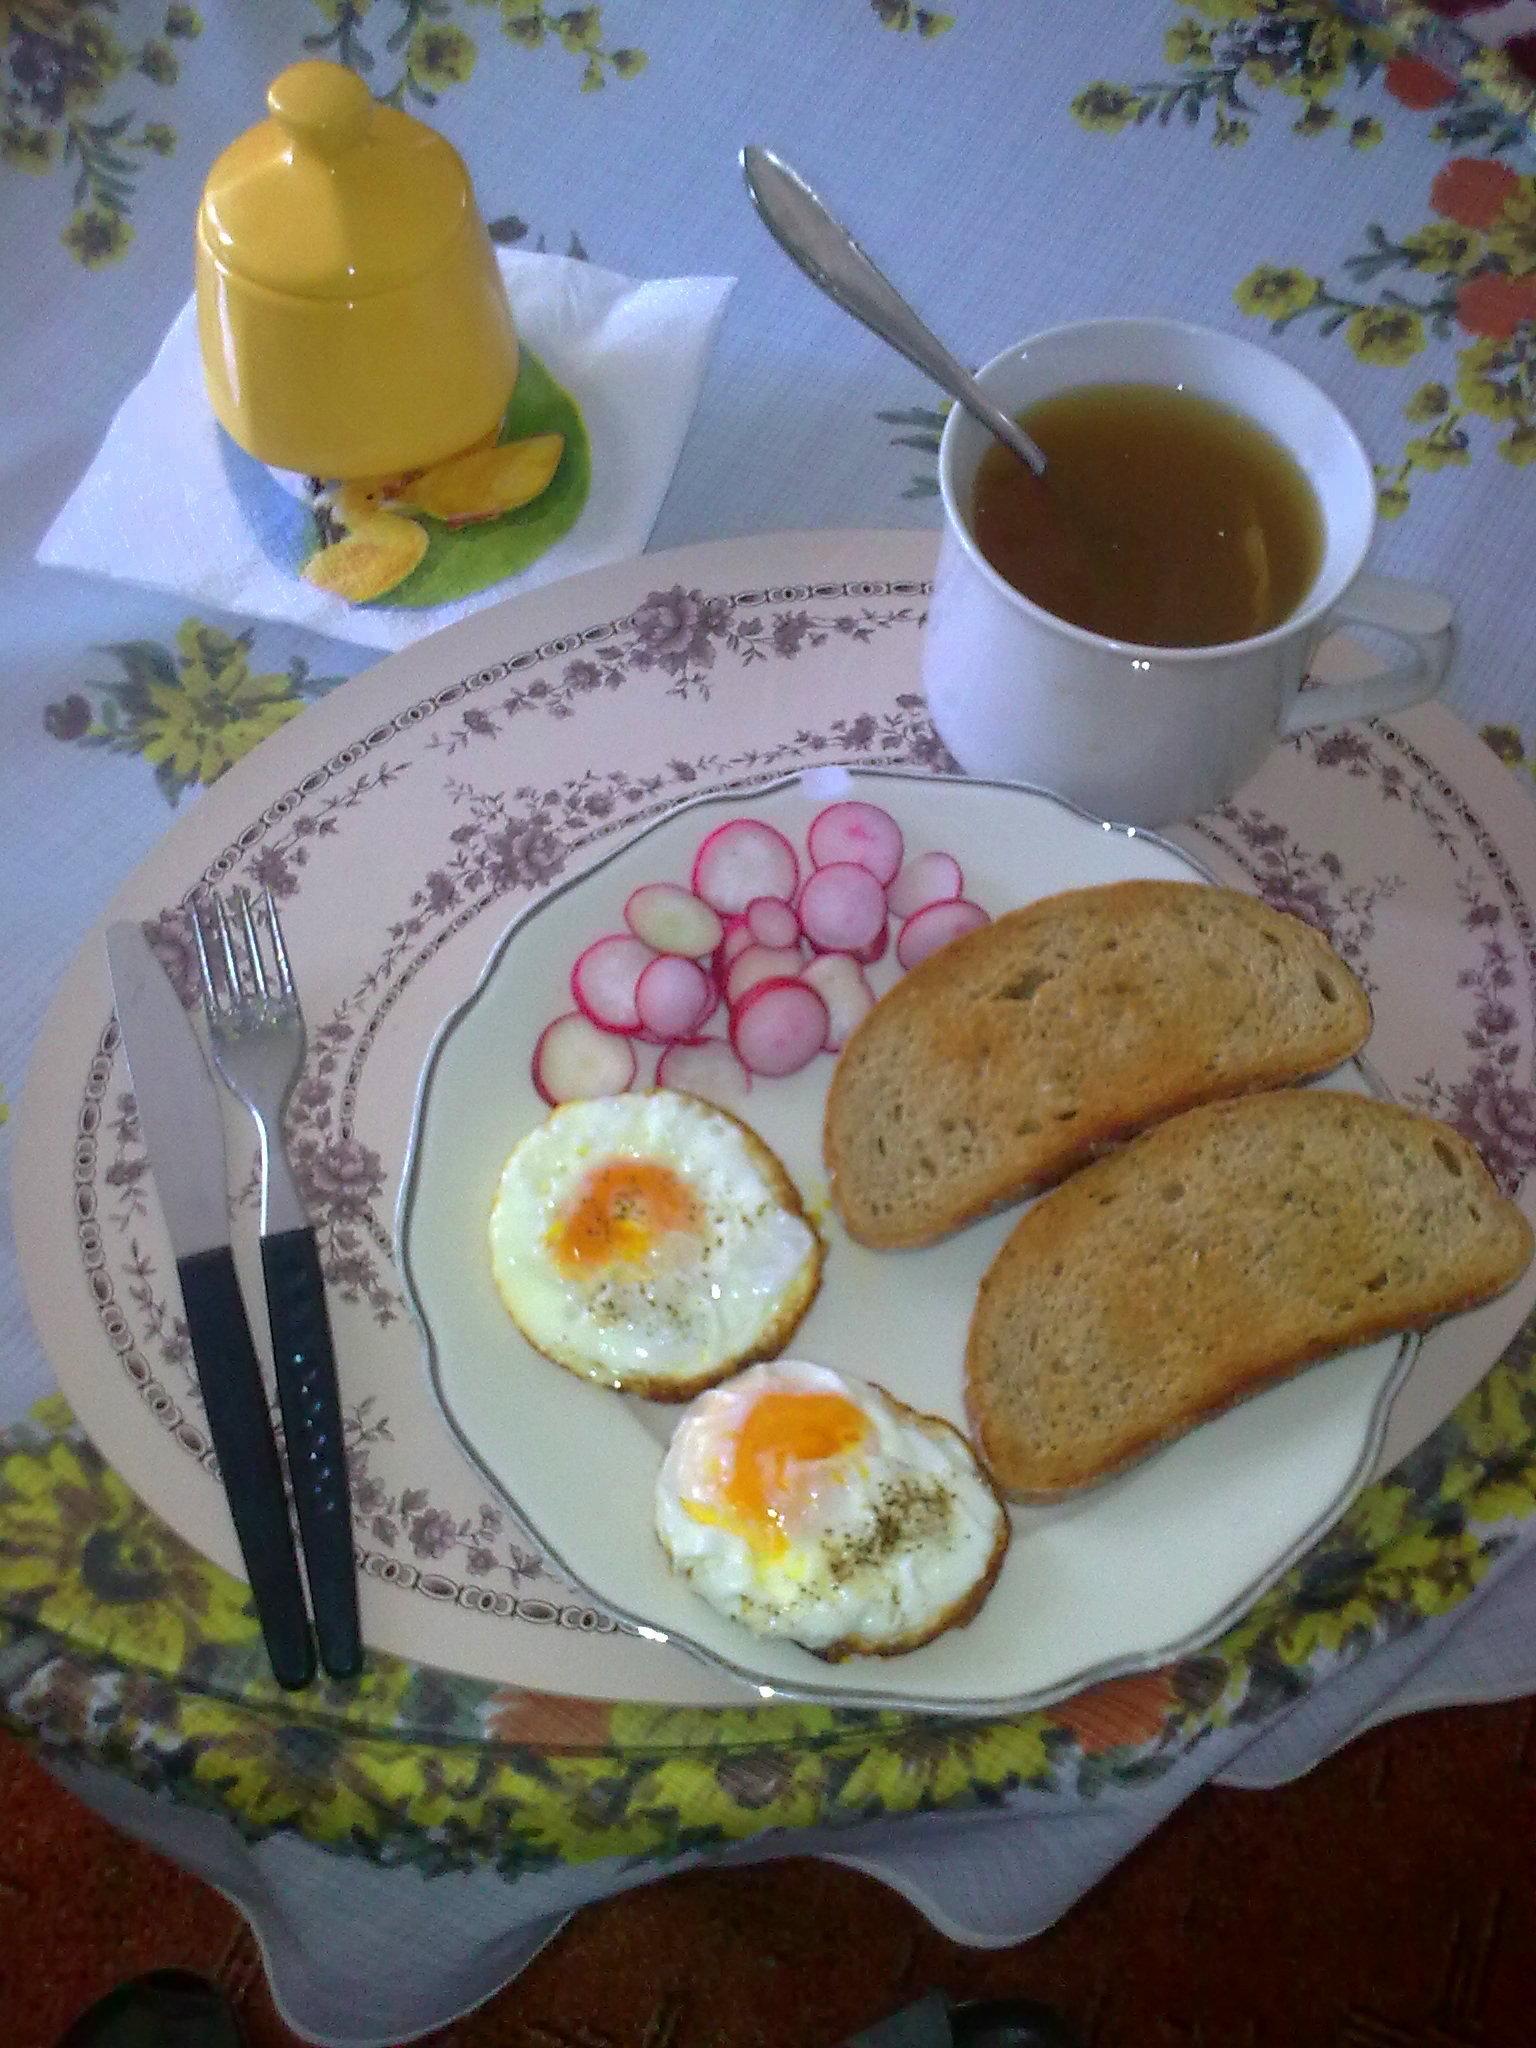 Recept Volské oko - Rychlá, výborná snídaně:) Mohu jen doporučit:)